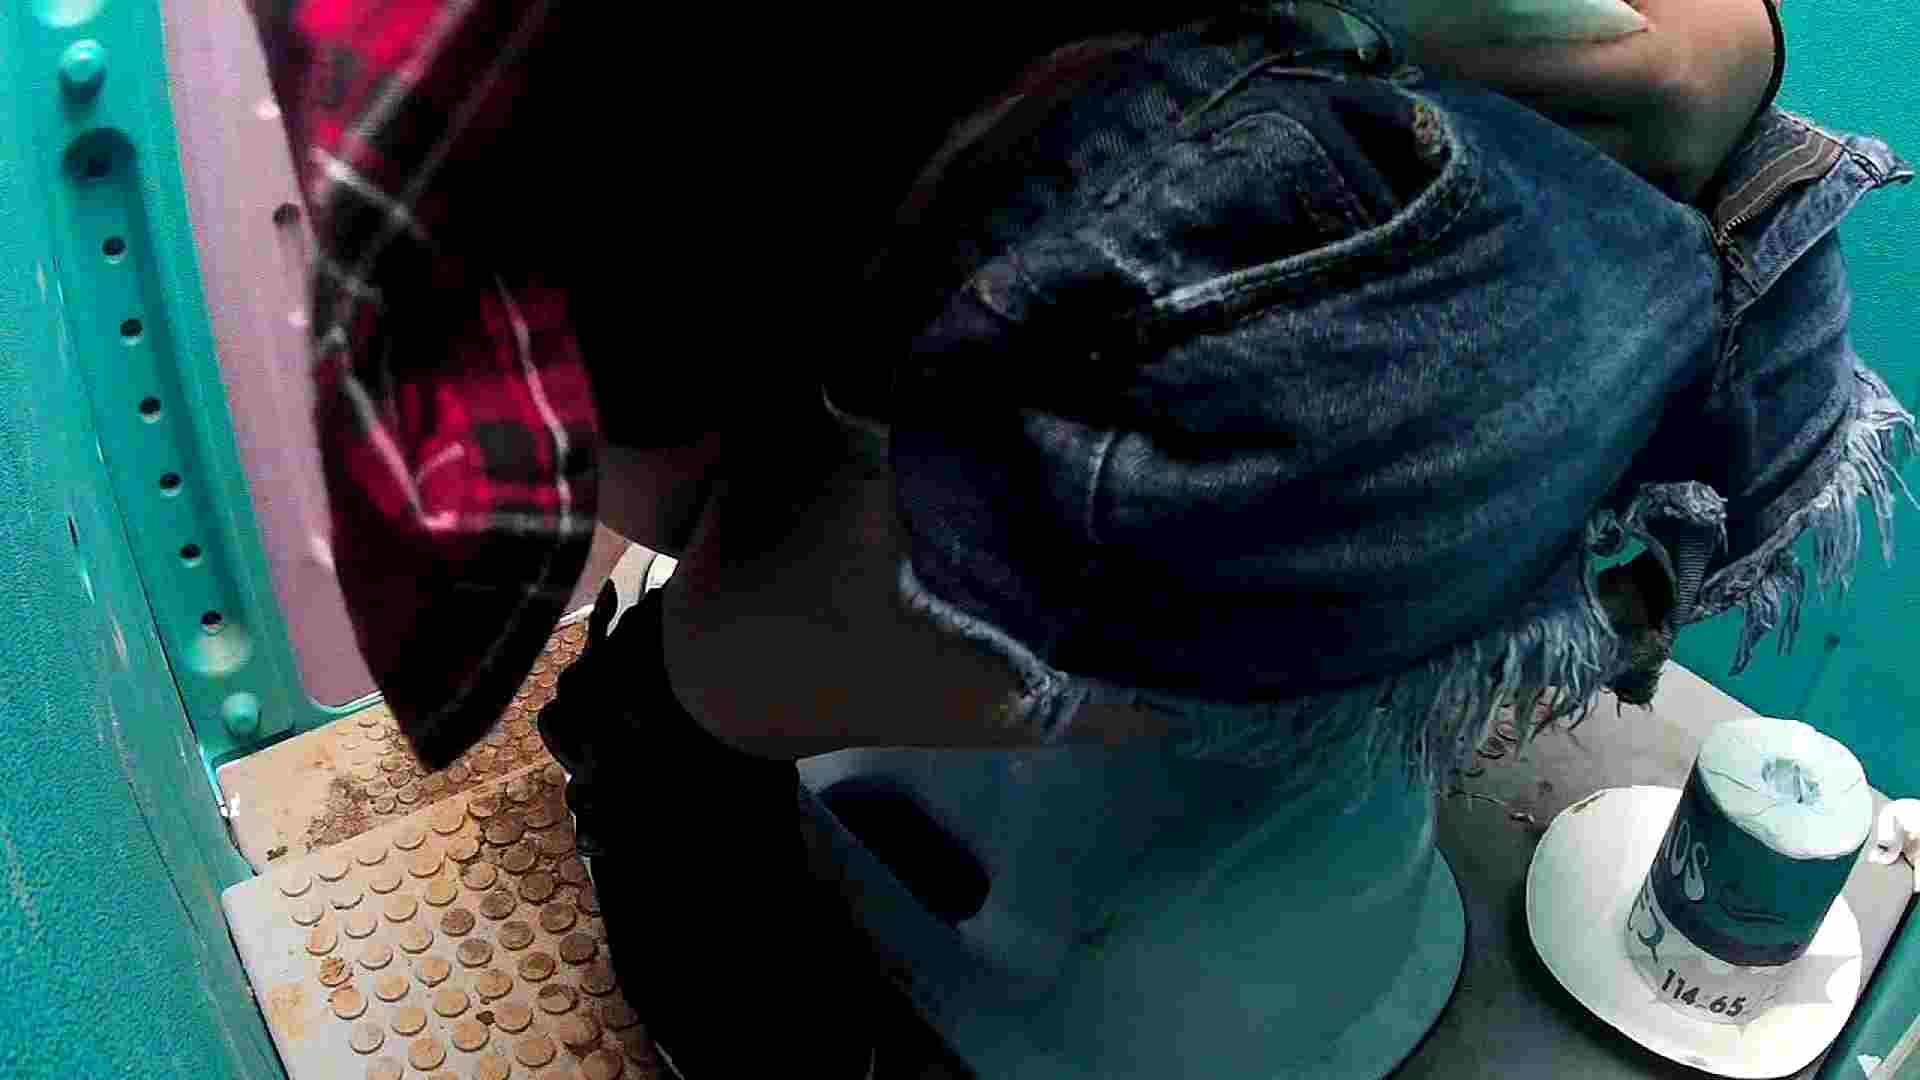 痴態洗面所 Vol.06 中が「マジヤバいヨネ!」洗面所 エッチすぎるOL達 | 洗面所  58連発 25